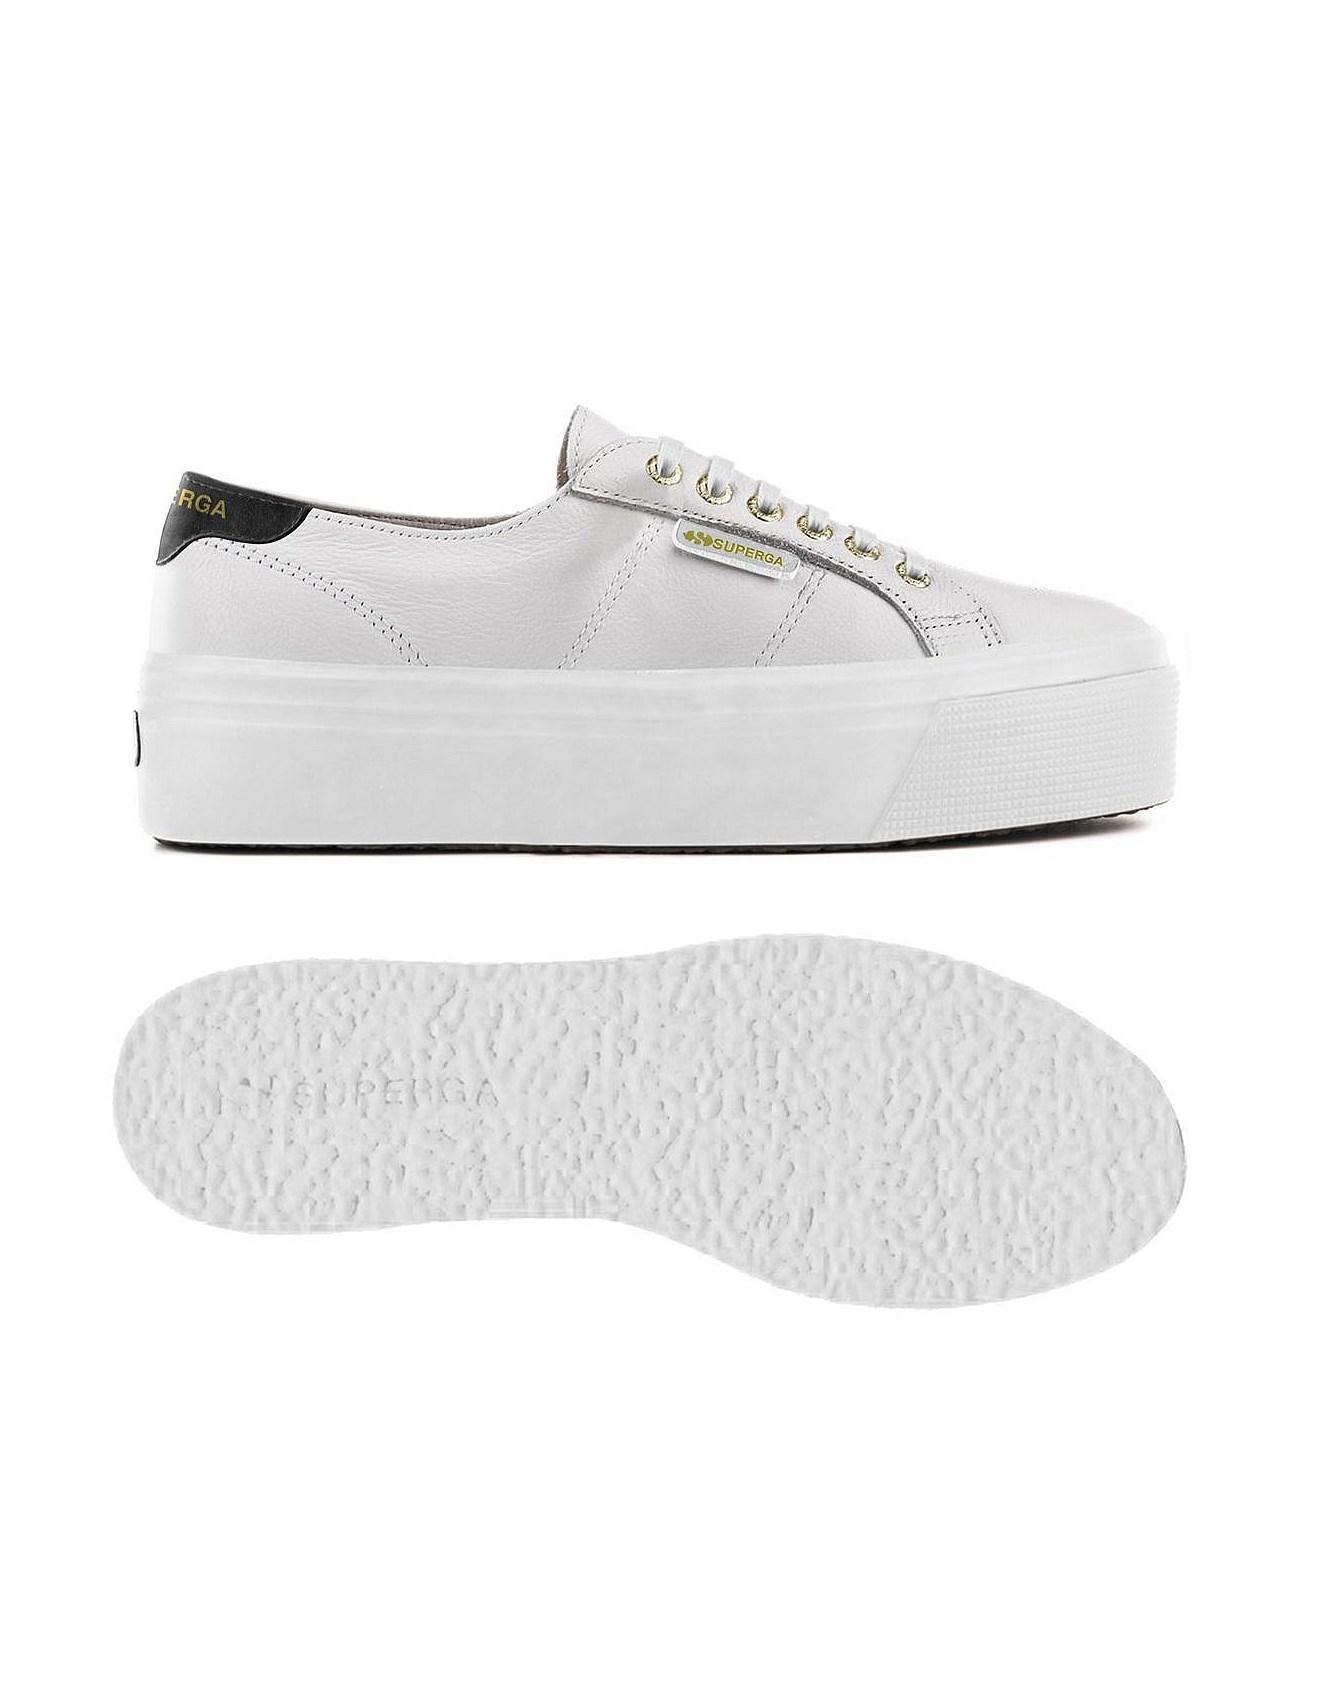 David Jones - 2790 - Goatnappaleaw Sneaker